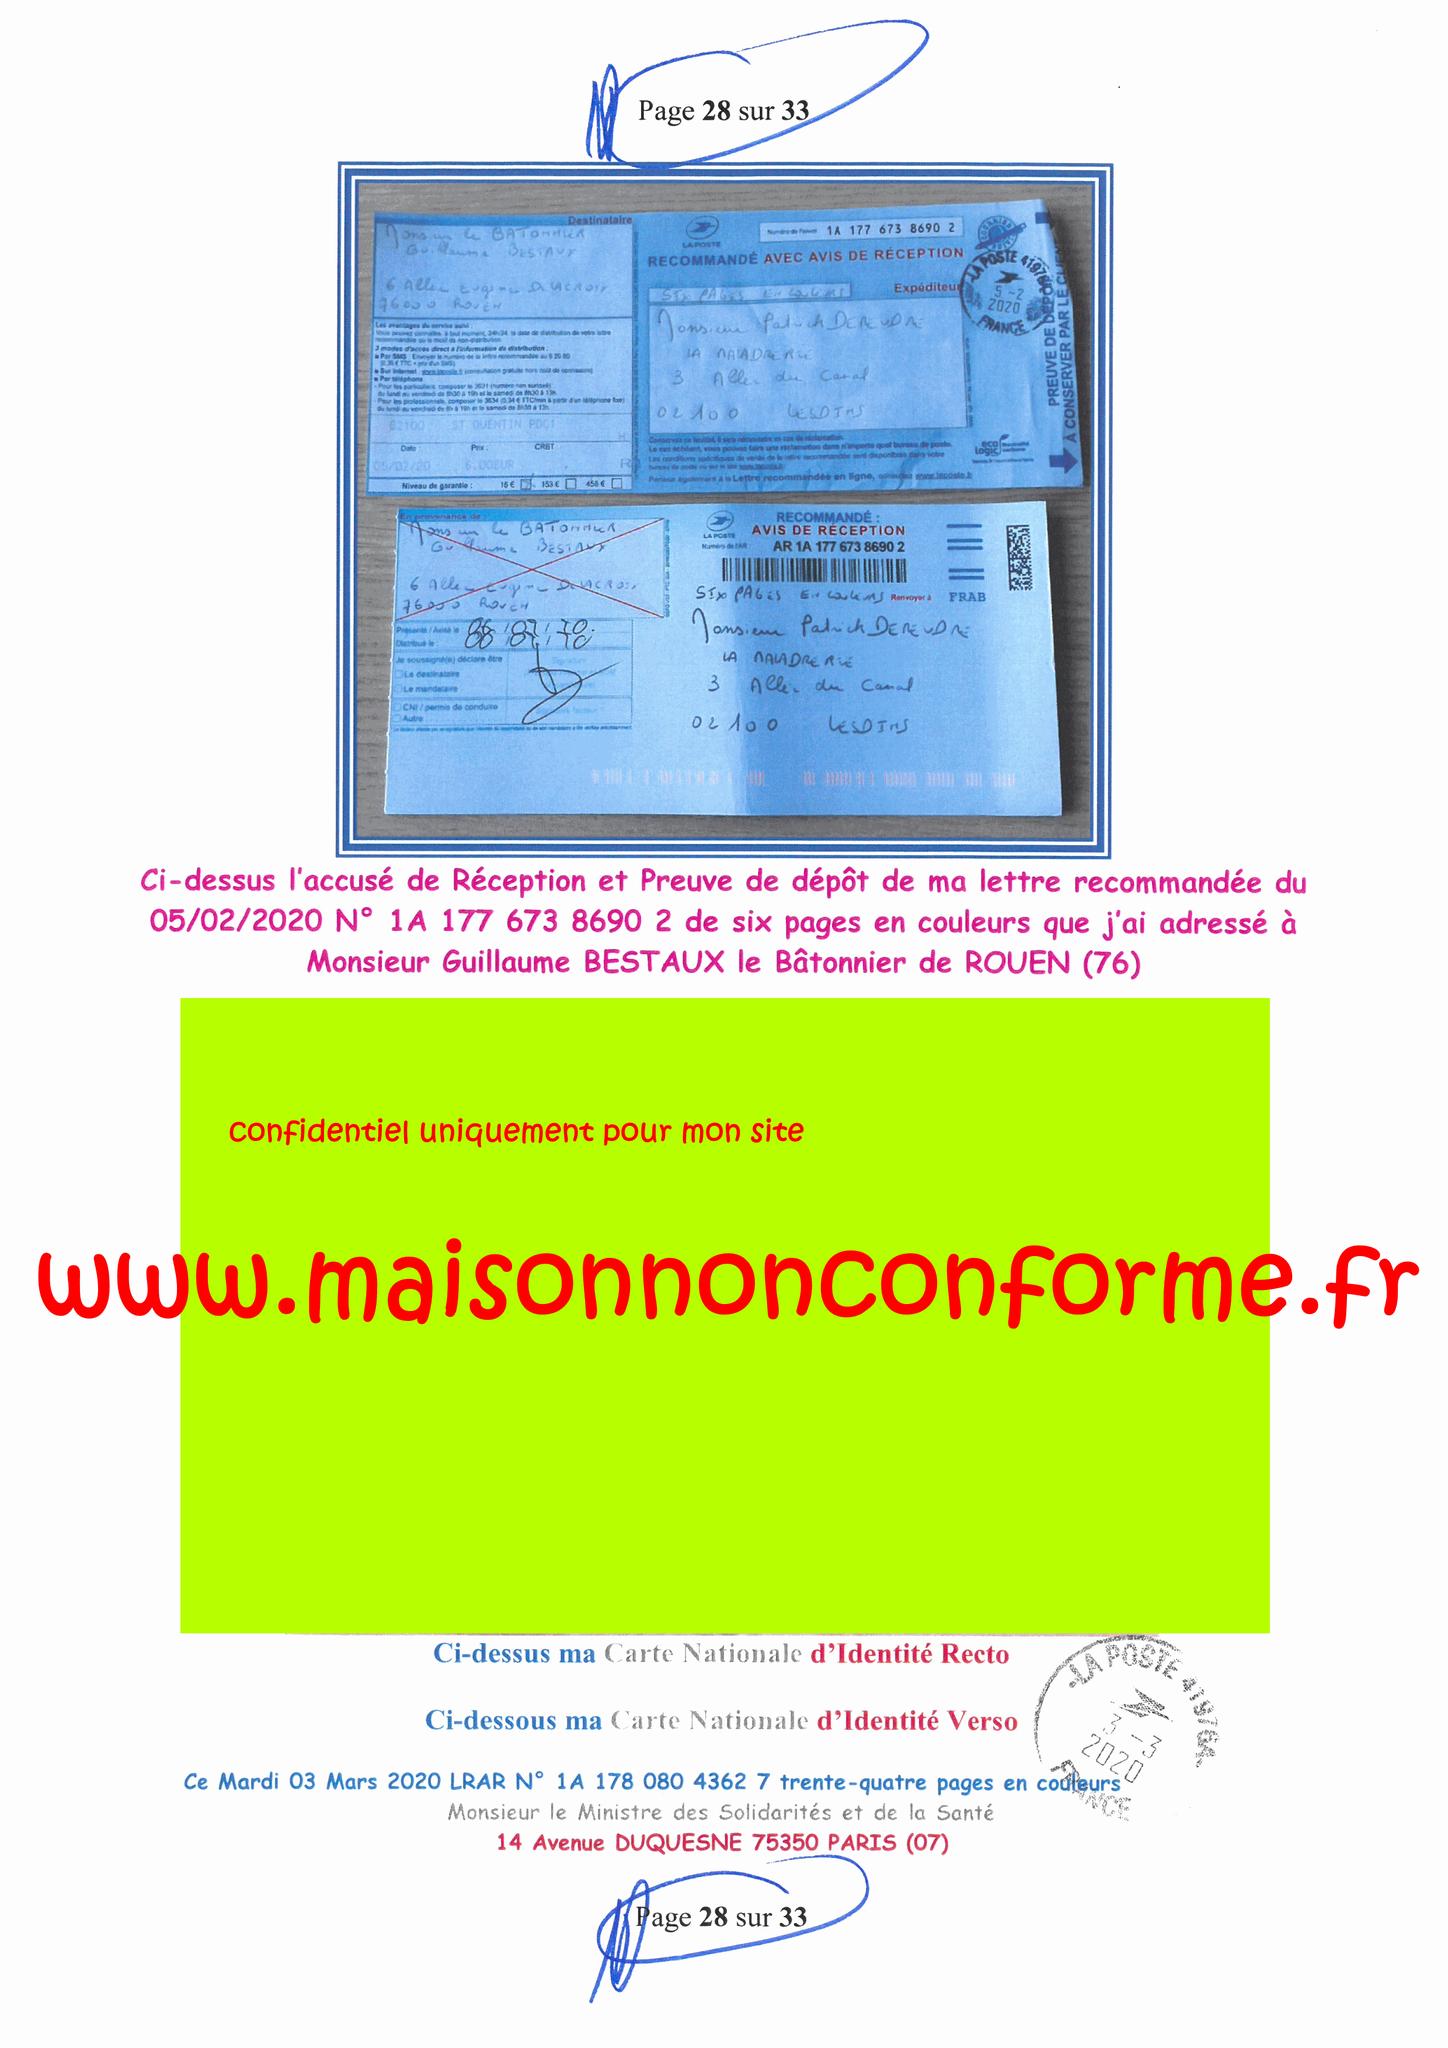 Page 28 sur 33 Ma lettre recommandée N0 1A 178 080 4362 7 du 03 Mars 2020 à Monsieur Olivier VERAN le Ministre de la Santé et des Solidarités www.jesuispatrick.fr www.jesuisvictime.fr www.alerte-rouge-france.fr